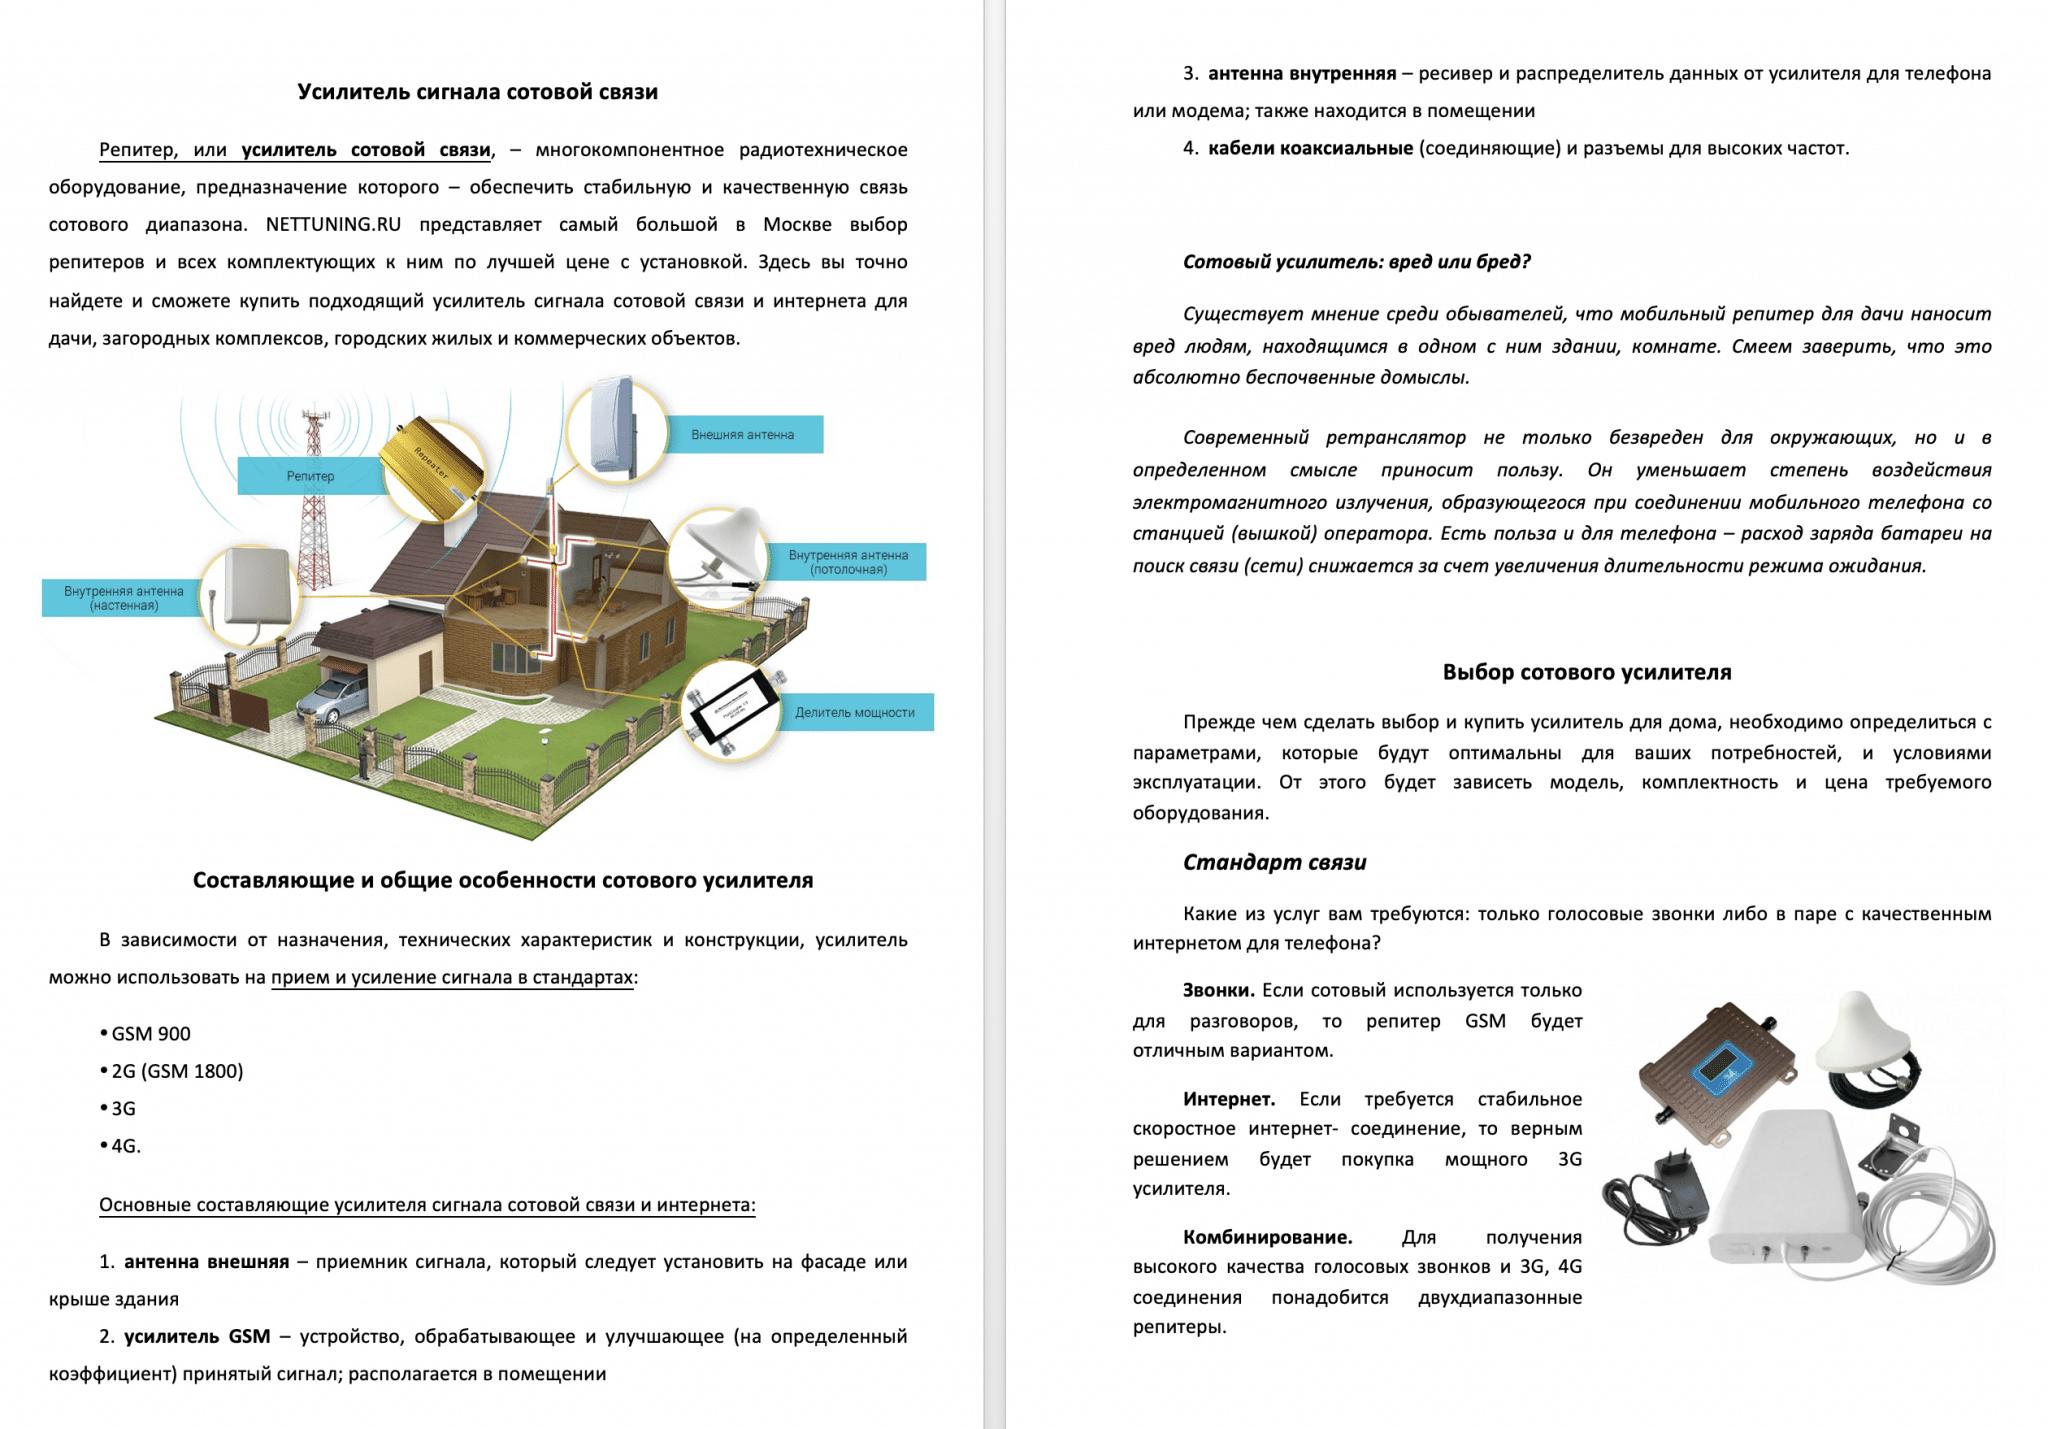 Пример текста для сайта №24 – Сео-текст по усилению сигнала сотовой связи в Москве.